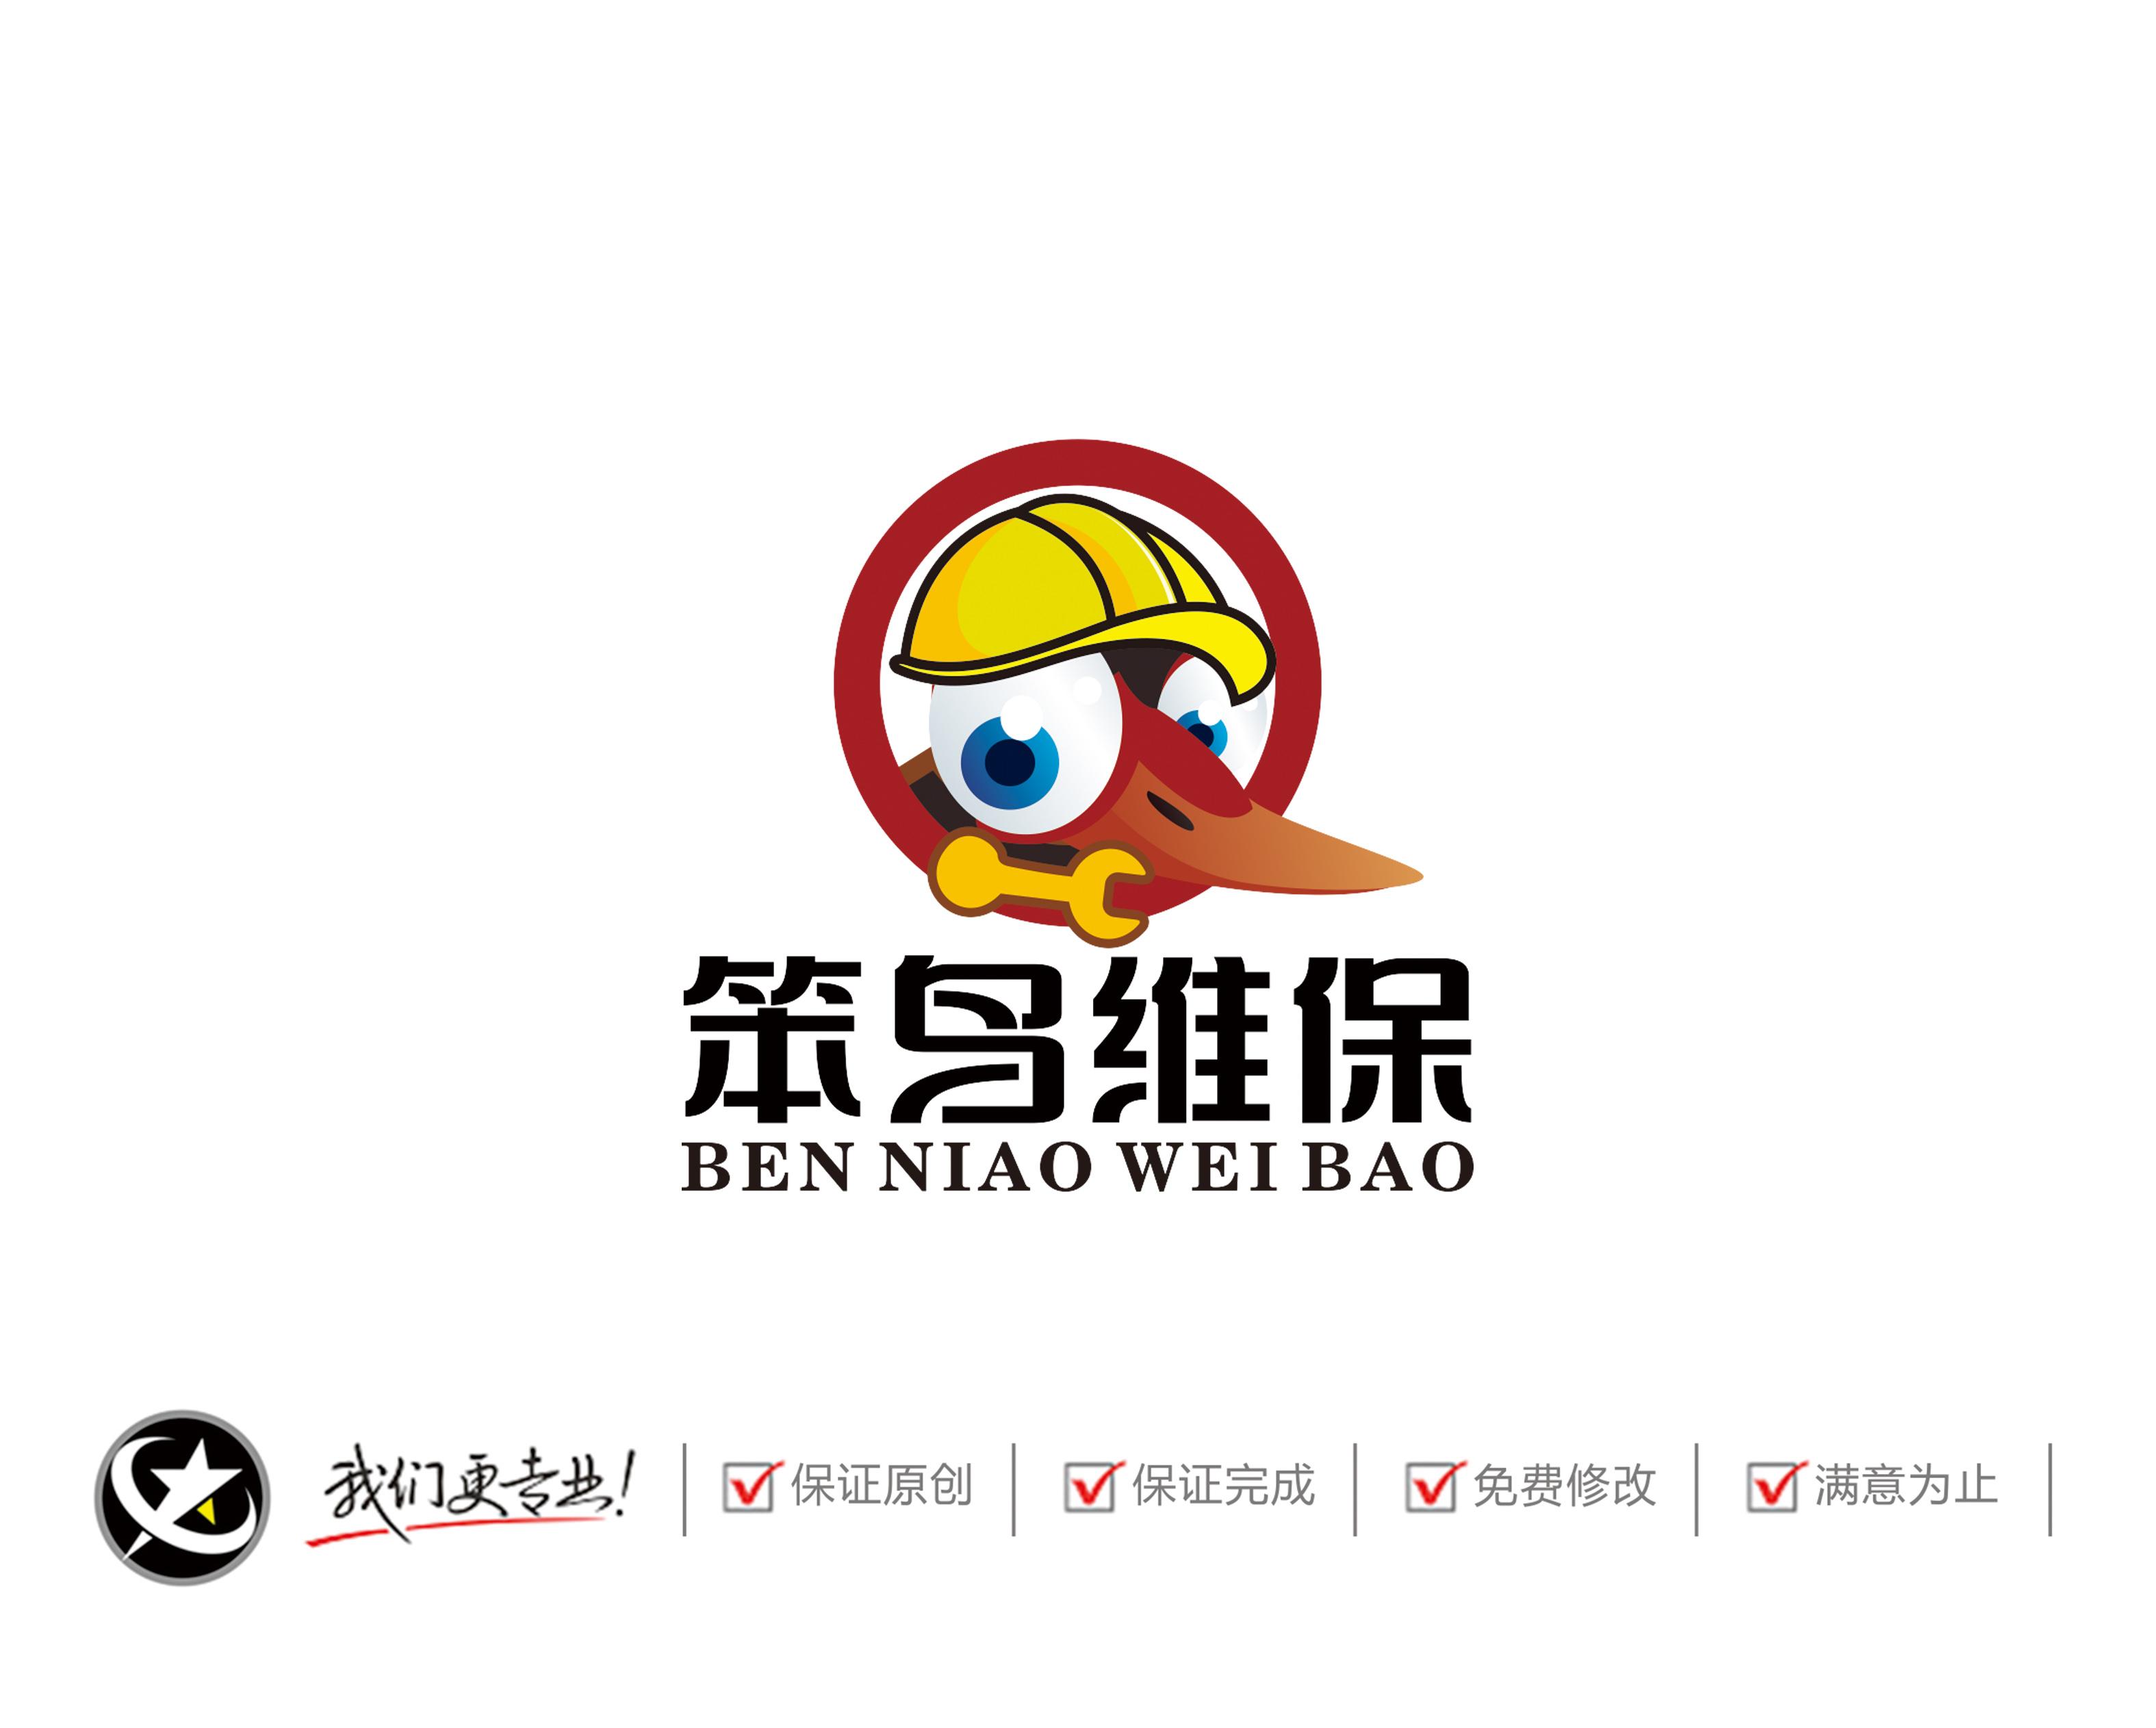 logo名称,笨鸟 / 笨鸟维保_3033447_k68威客网